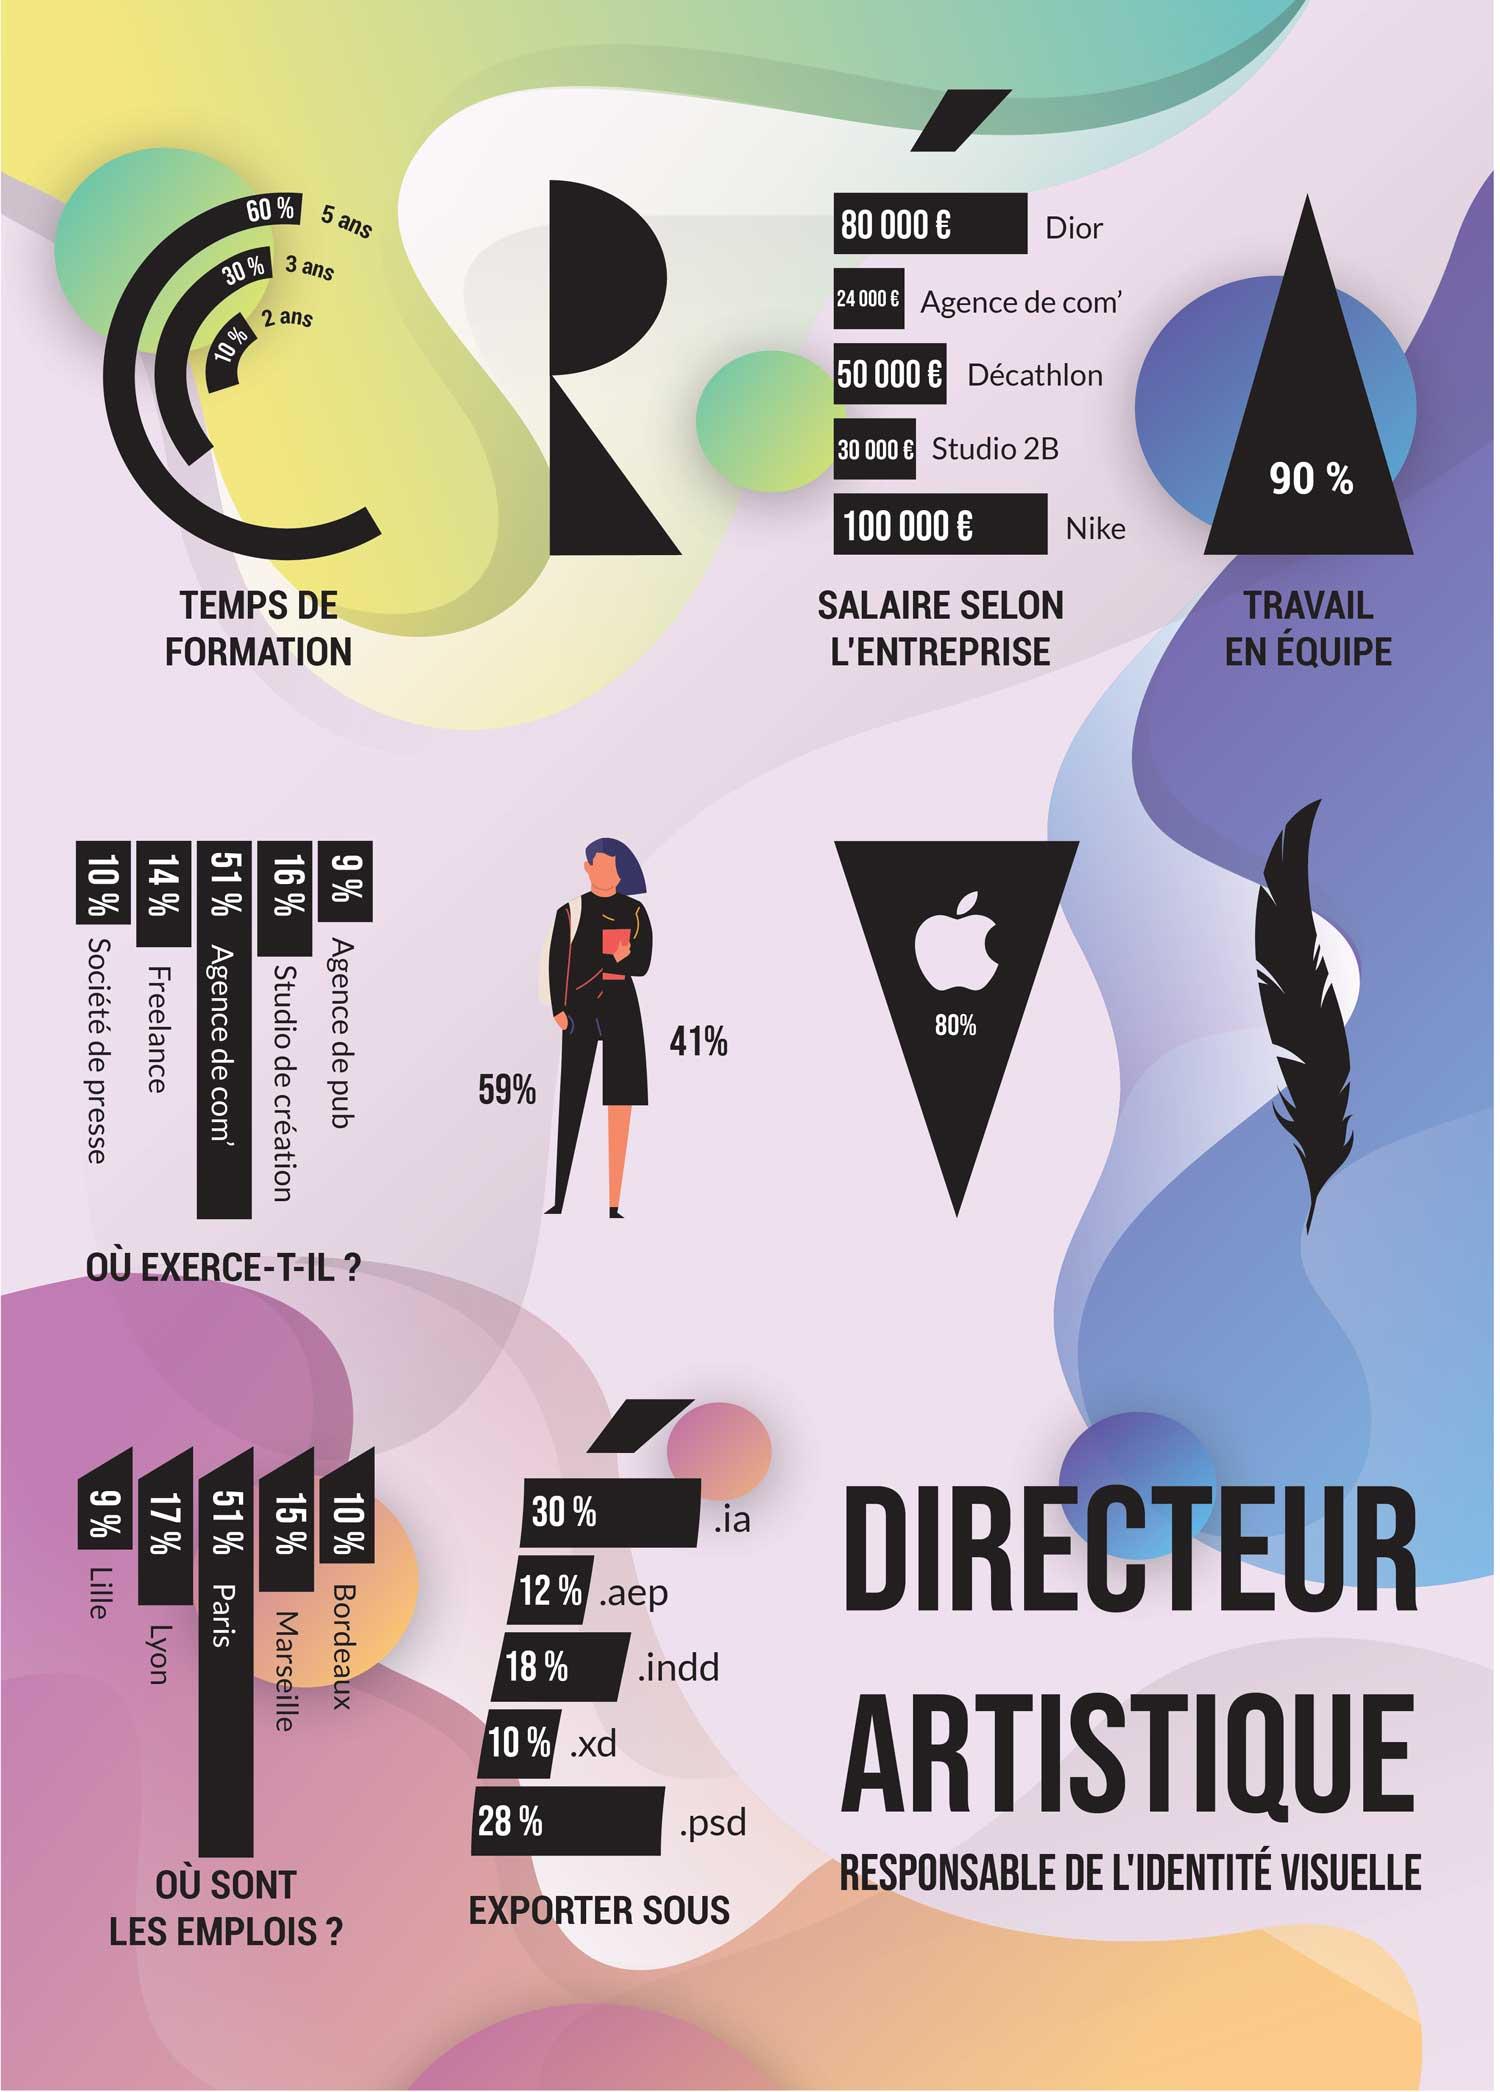 Elliot Beaulieu - data visualisation du métier de directeur artistique